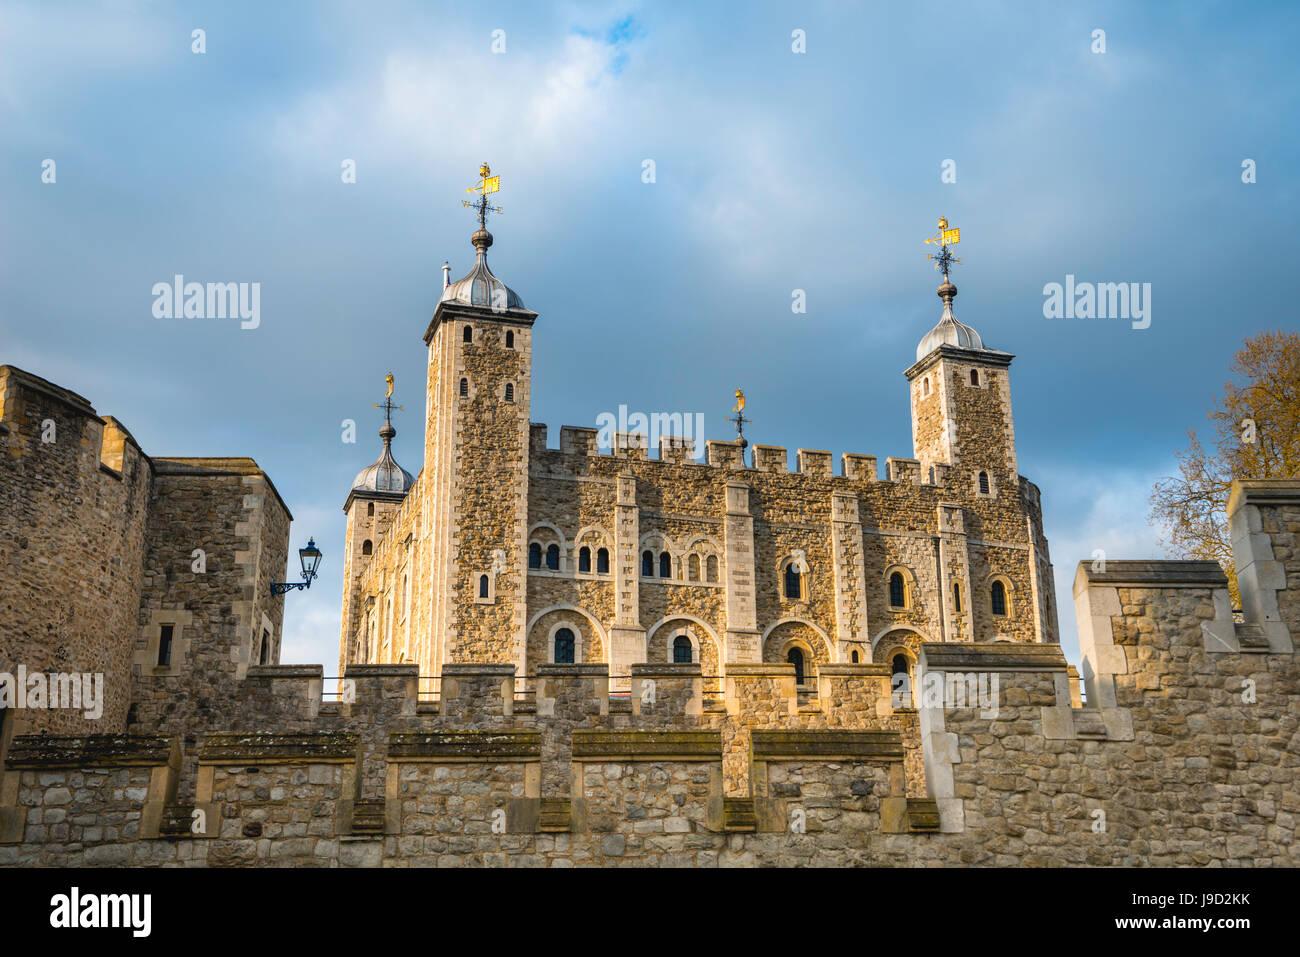 La Torre de Londres, Londres, Inglaterra, Reino Unido Imagen De Stock